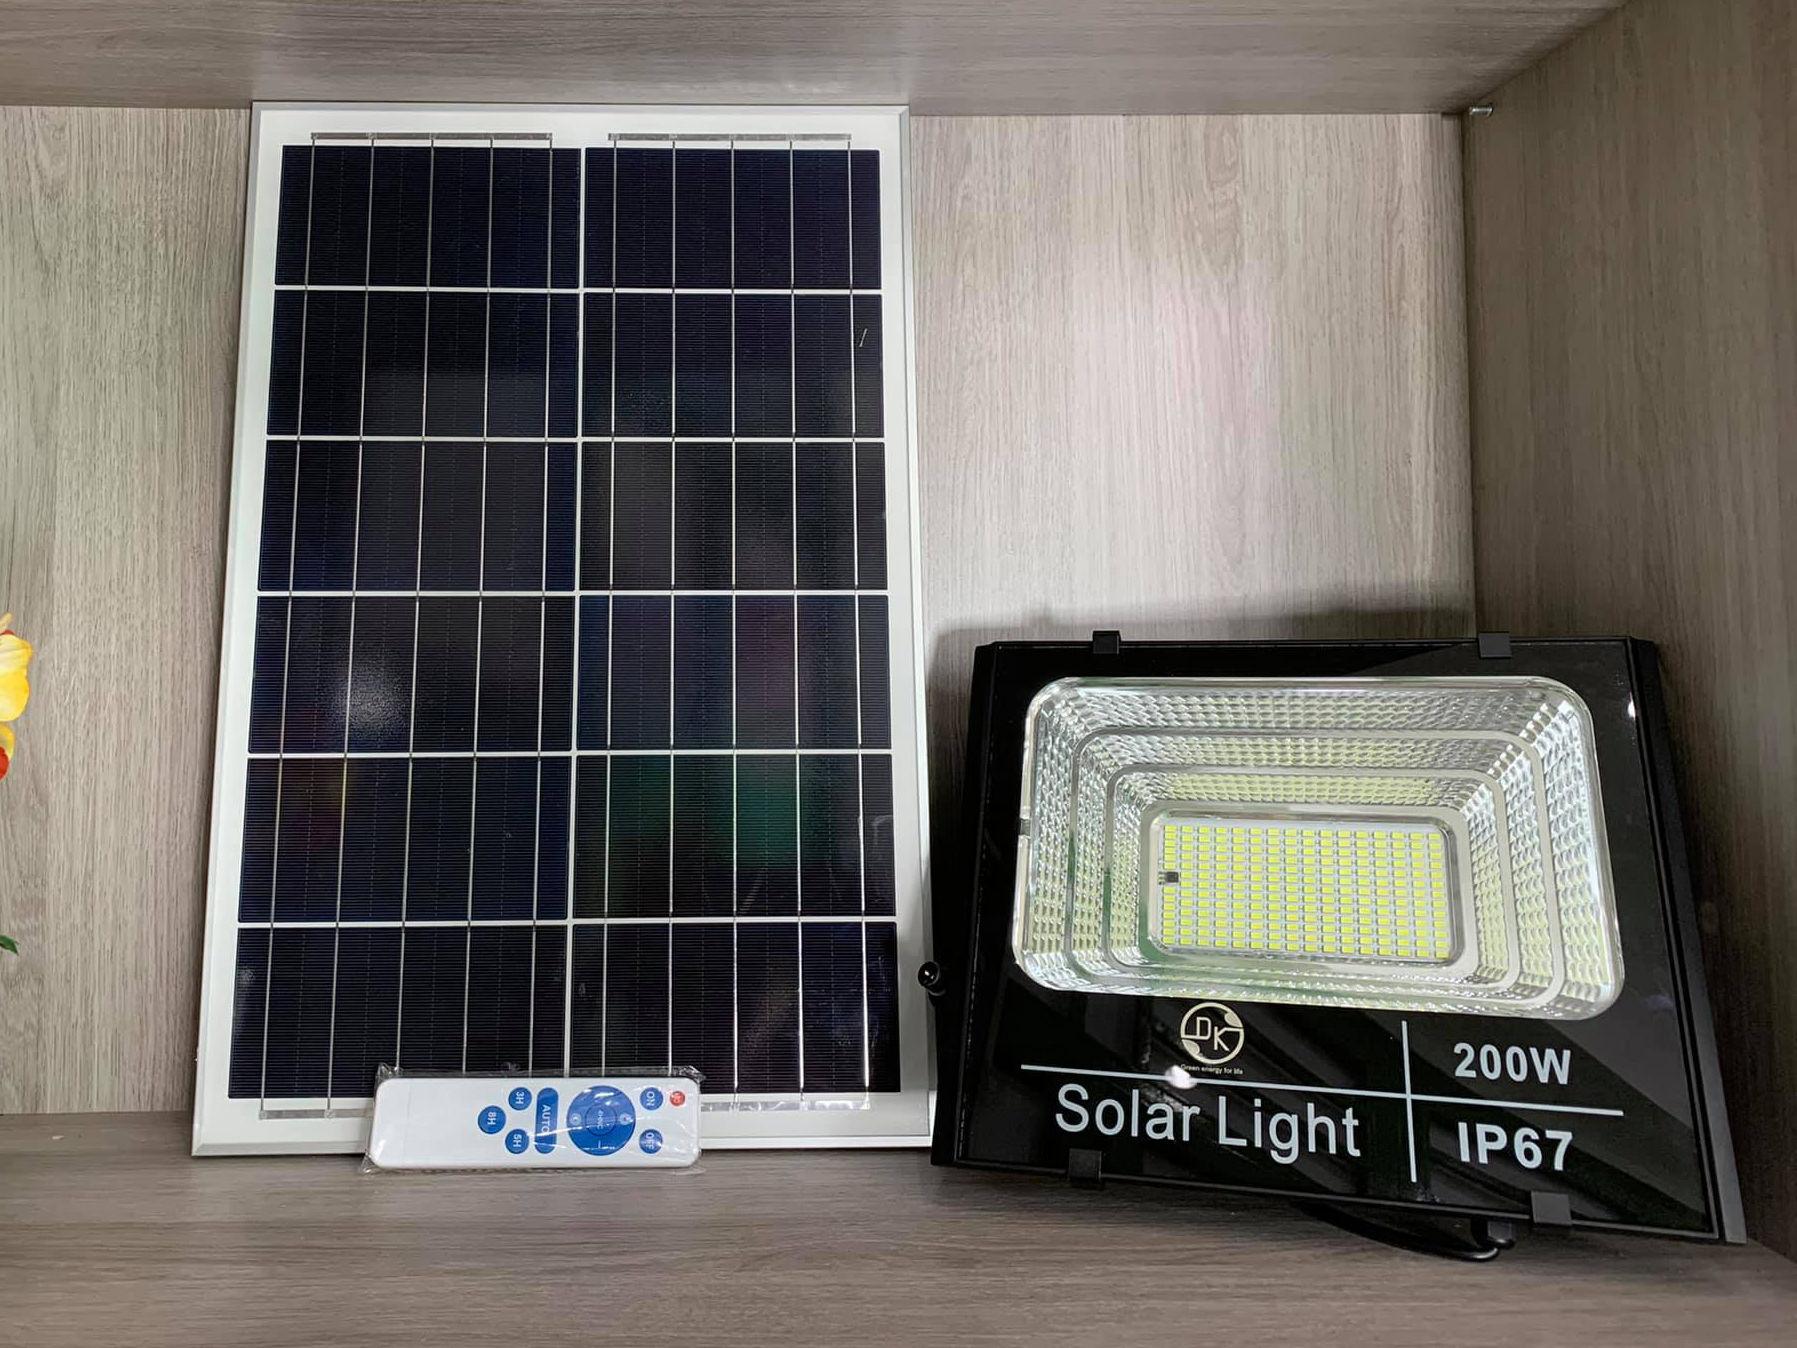 DK SOLOR LY-TGD001 200W